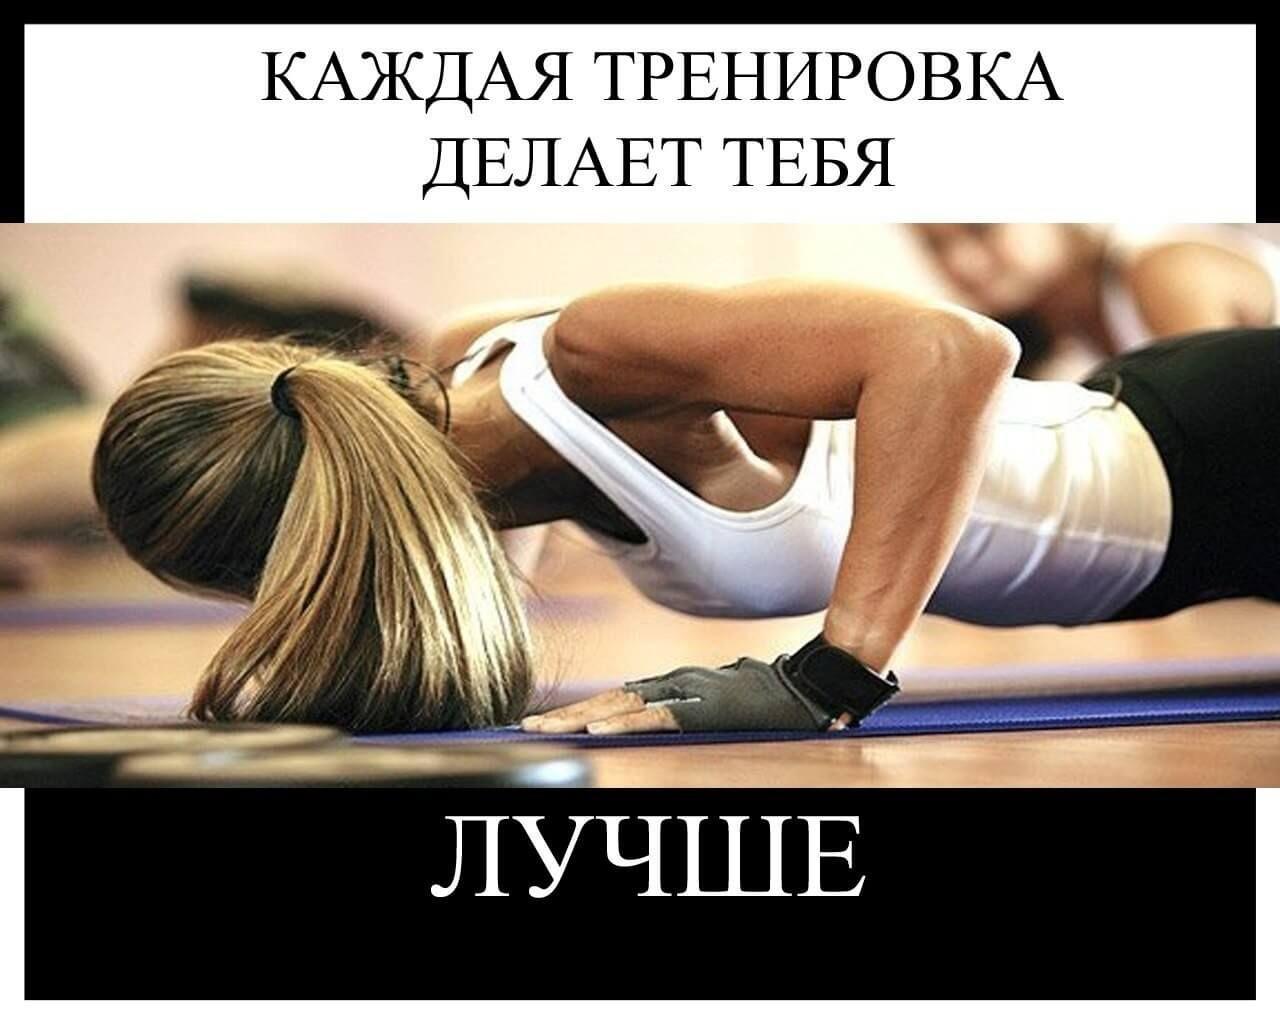 Смешные картинки про занятие спортом, картинки смешные поздравления